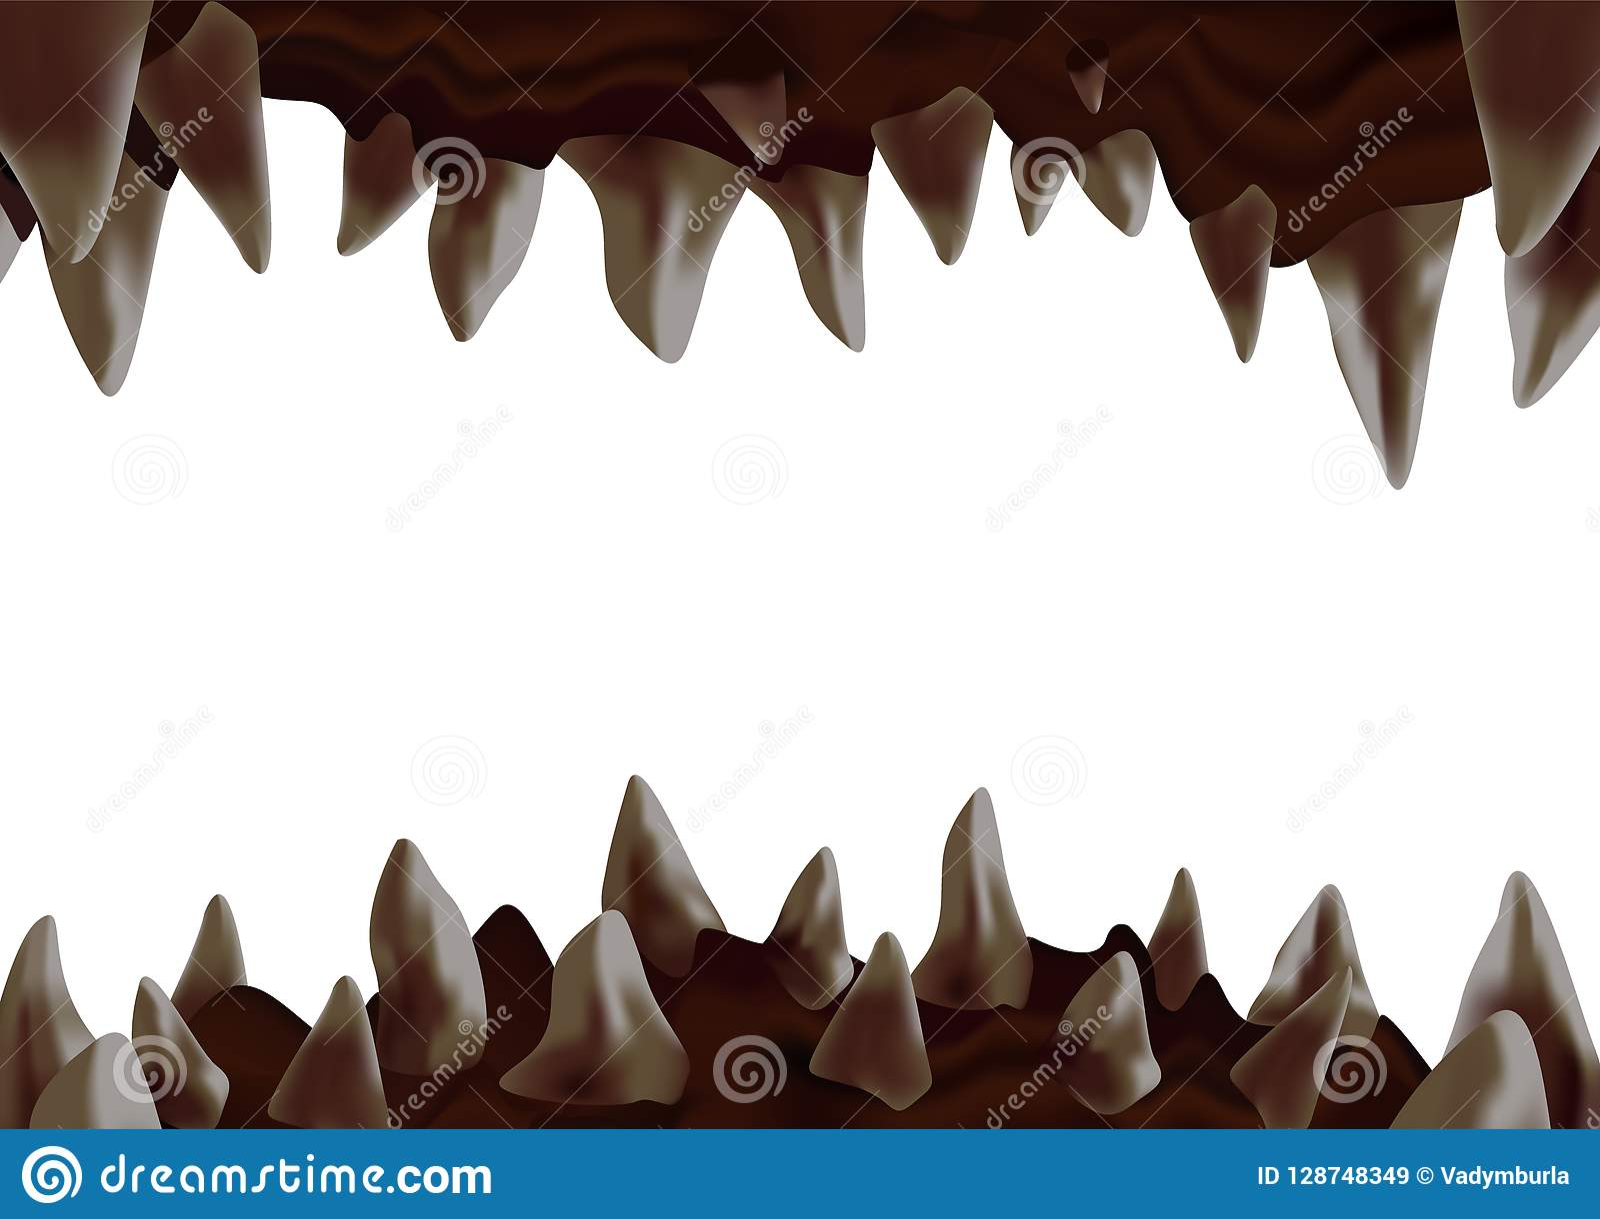 3d与准备好弯曲的锋利的牙齿的妖怪开放嘴咬住